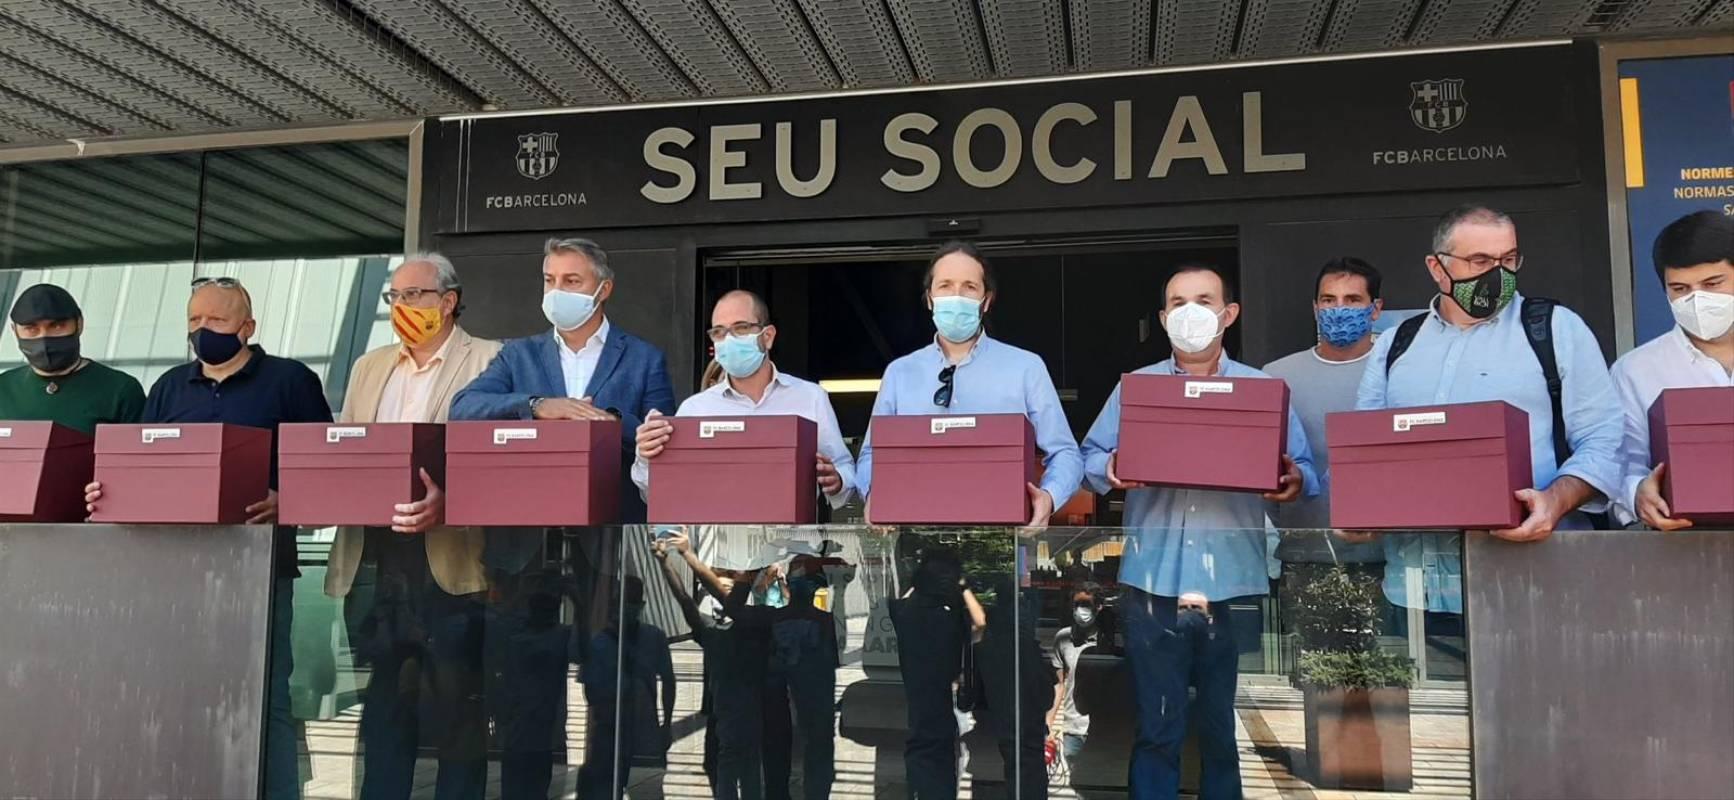 Recollida de paperetes per la moció de censura contra Bartomeu | Més que una moció